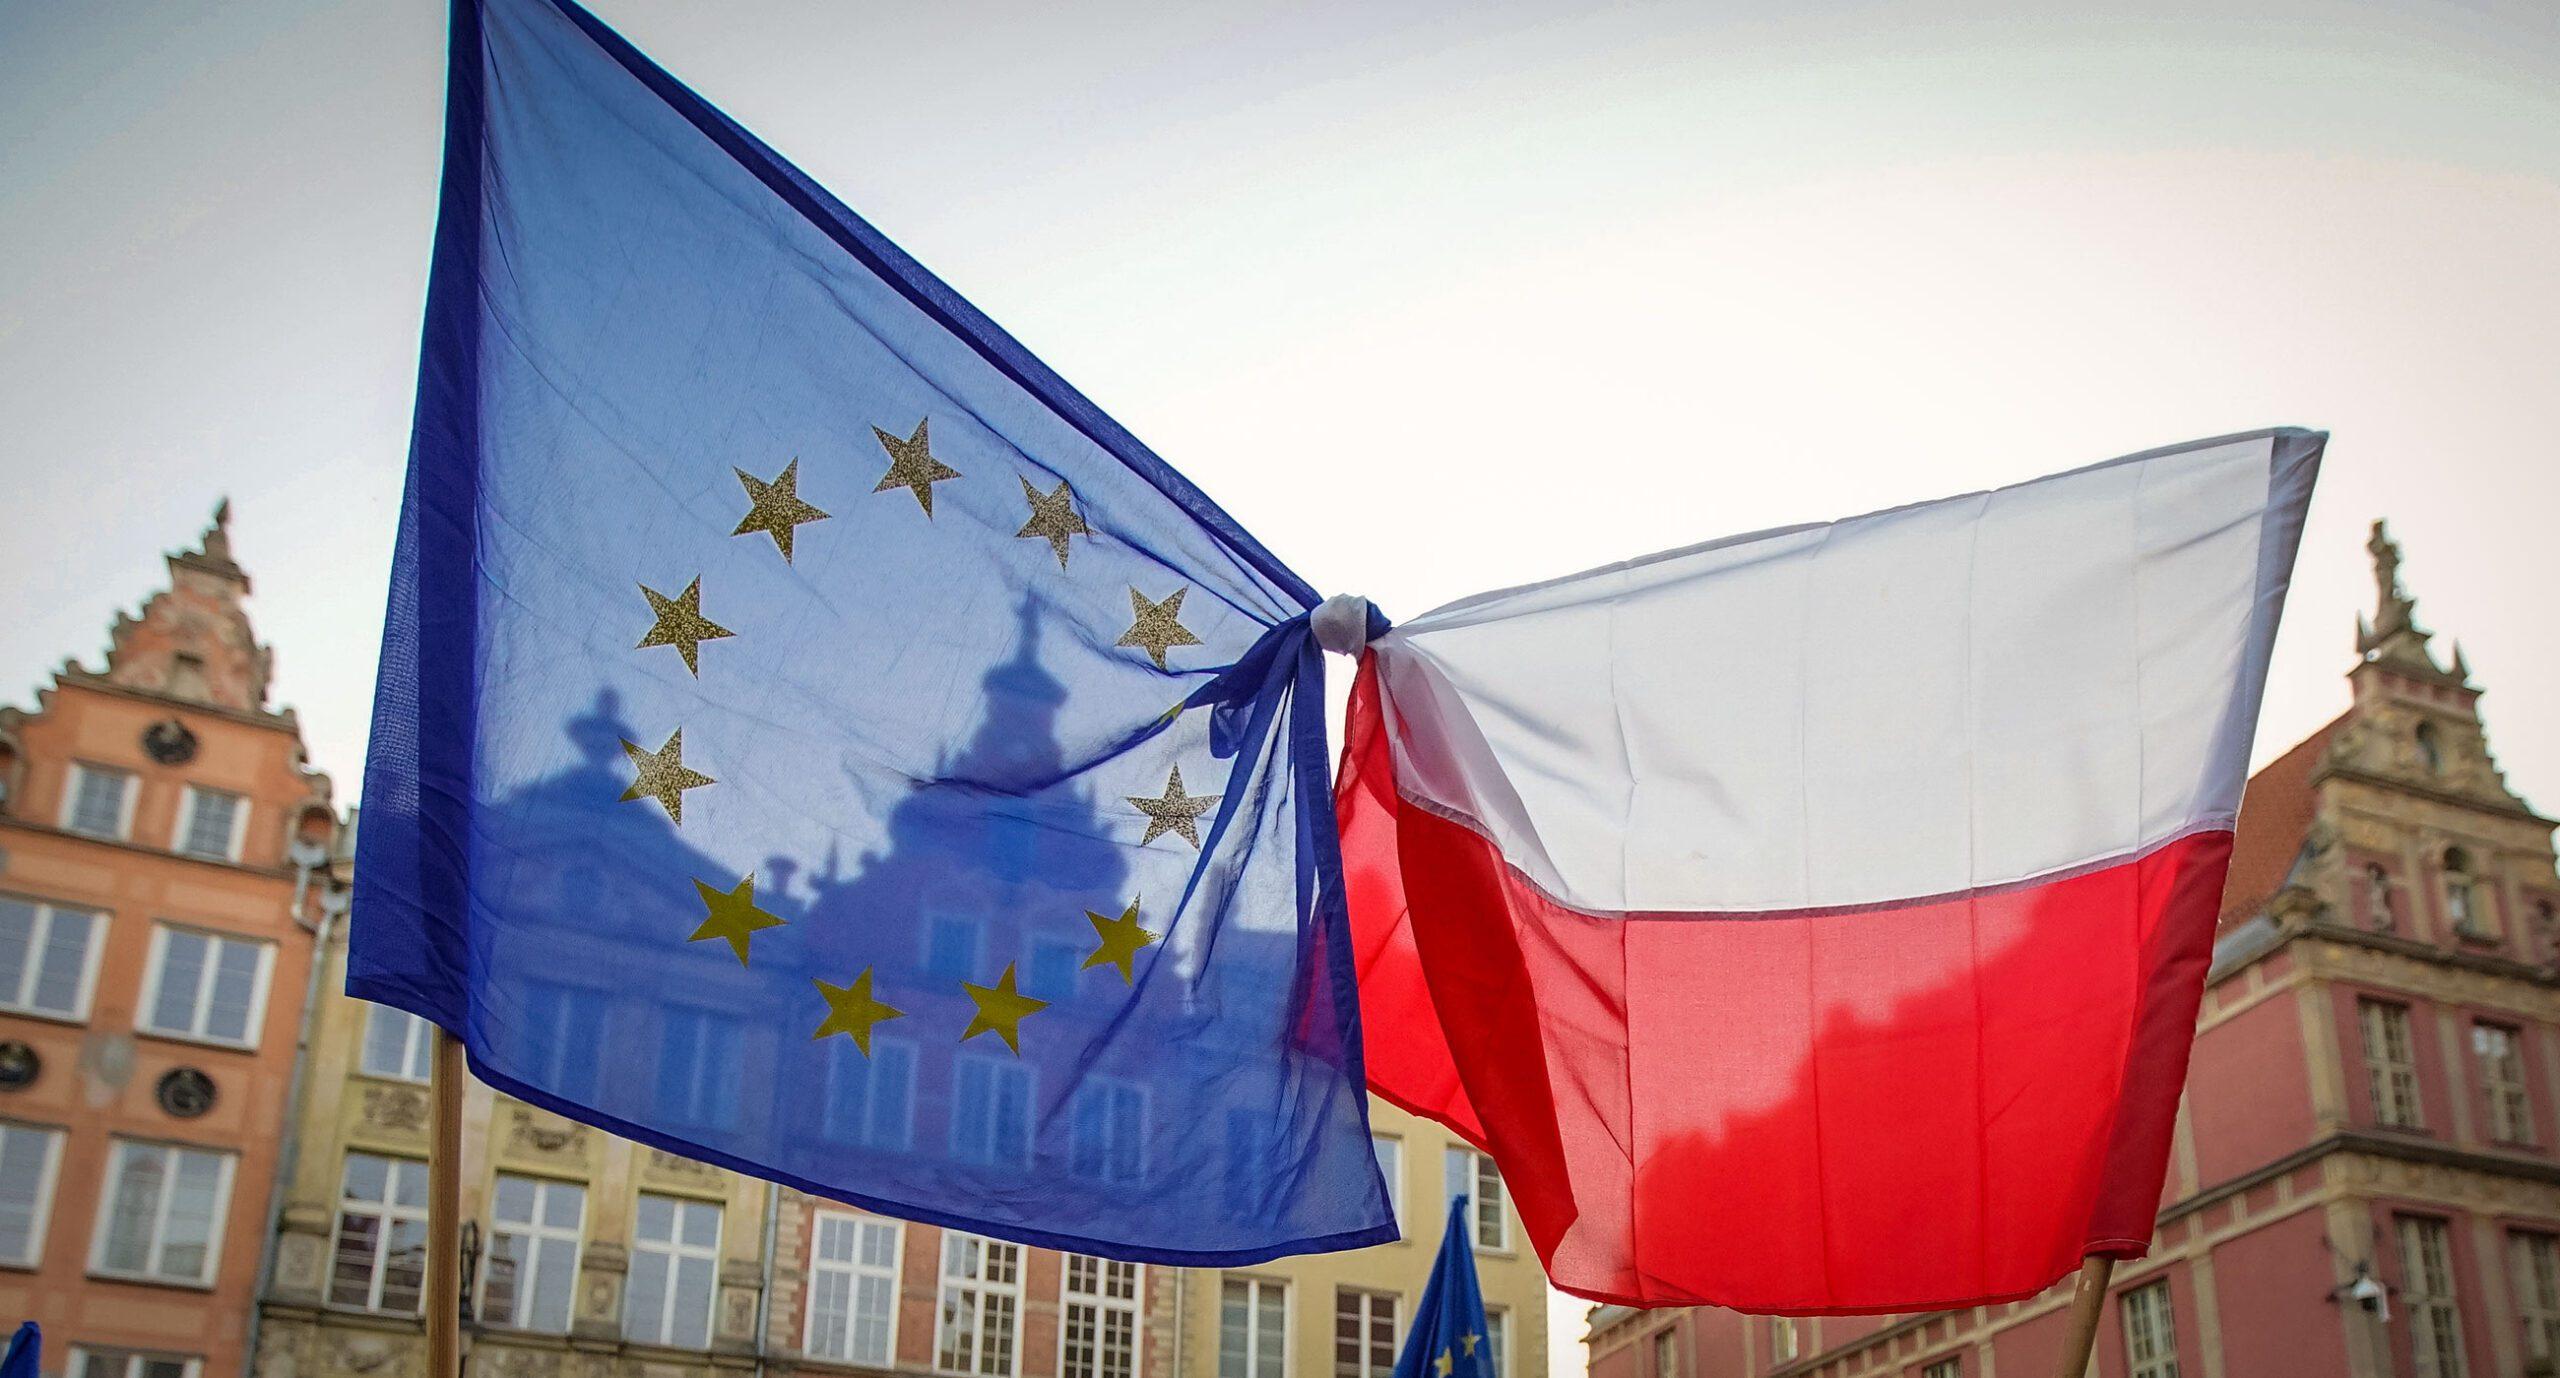 Poliexit в Польщі: чому люди протестують